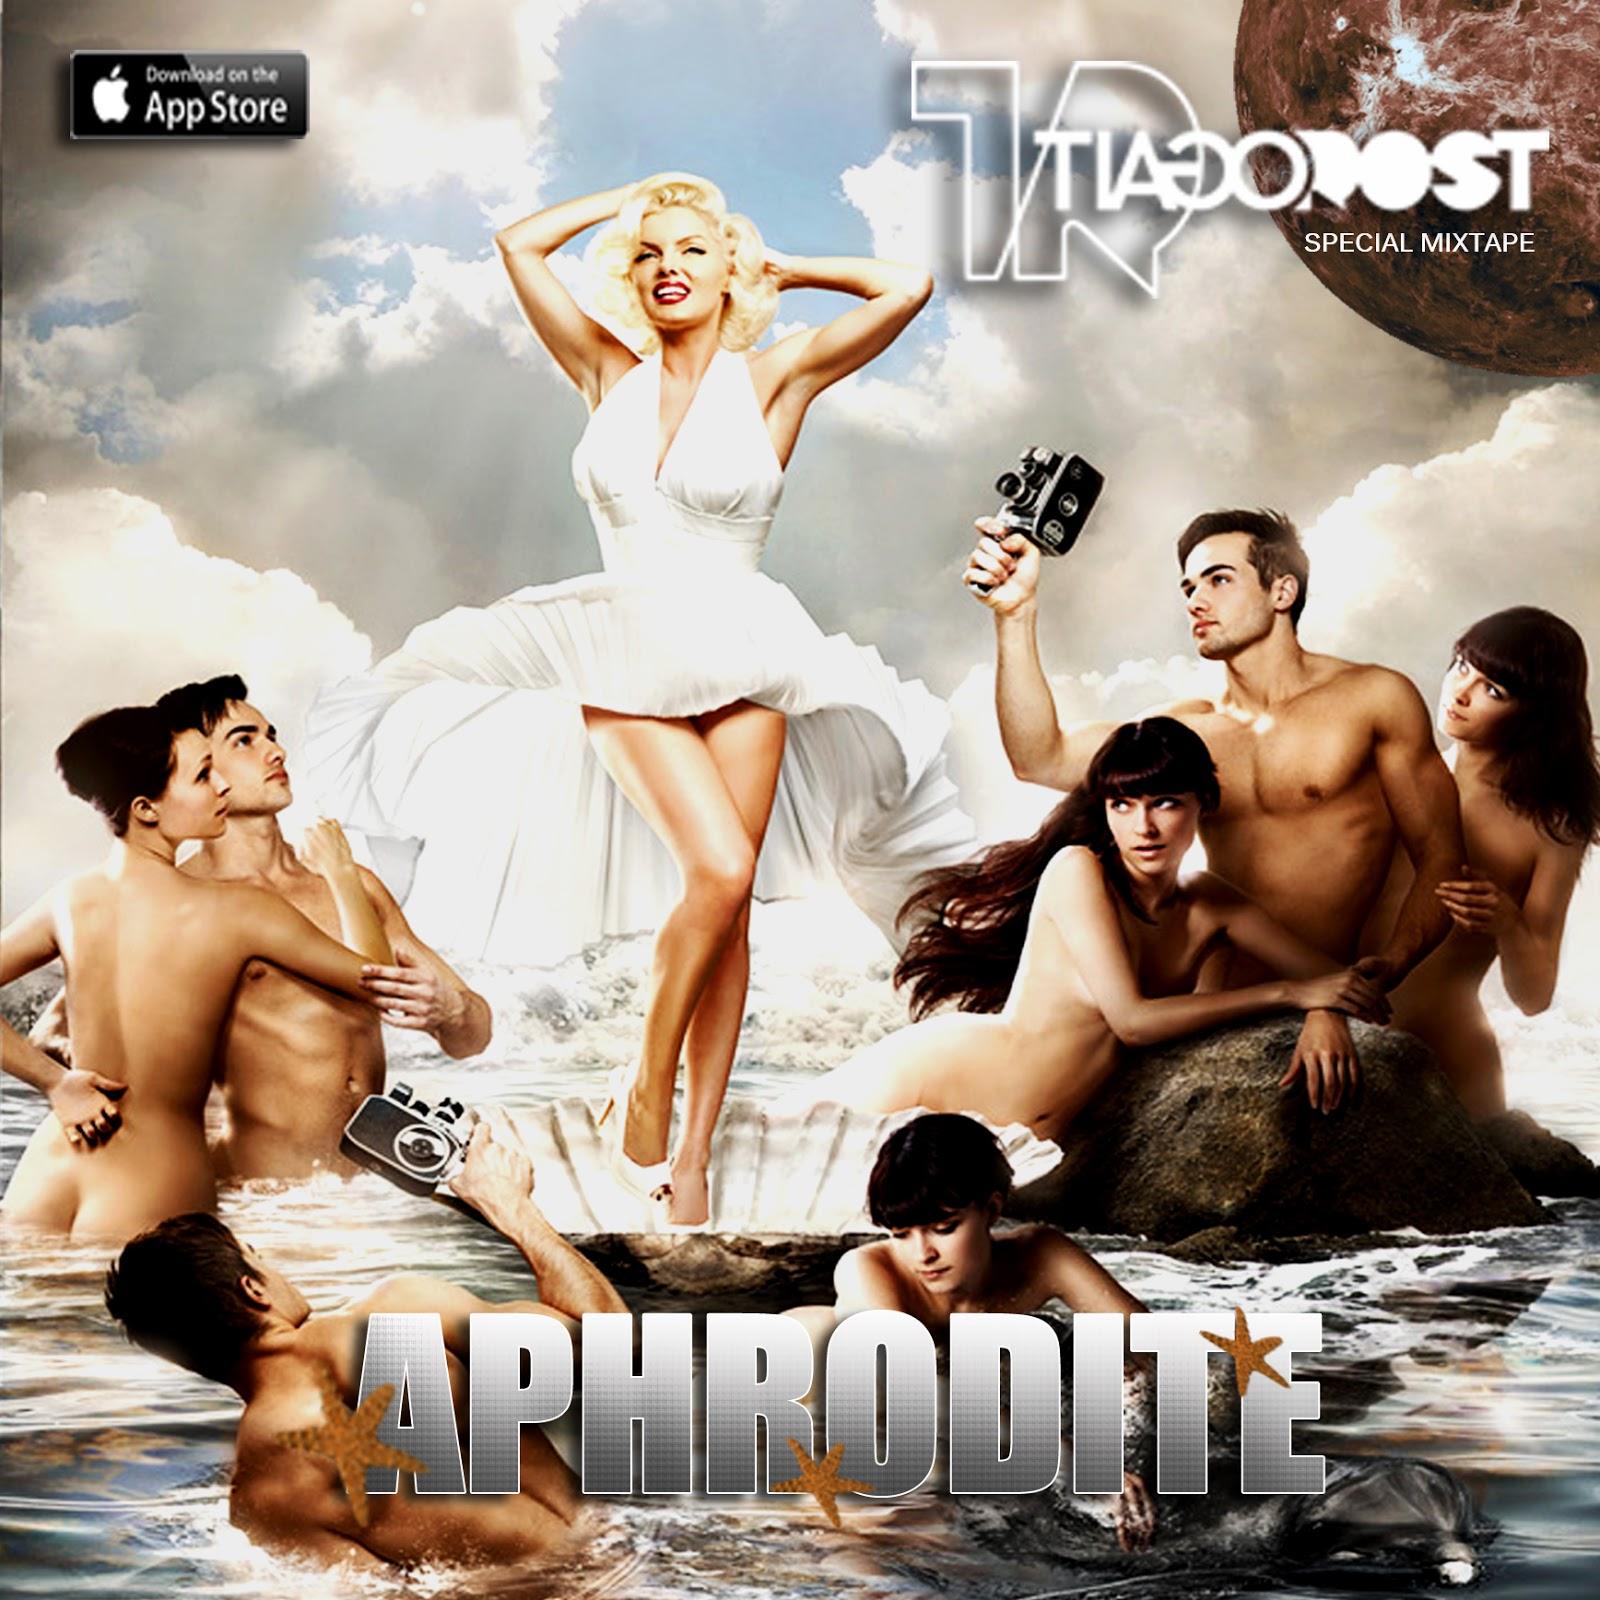 DJ Tiago Rost - APHRODITE (Special Edition)